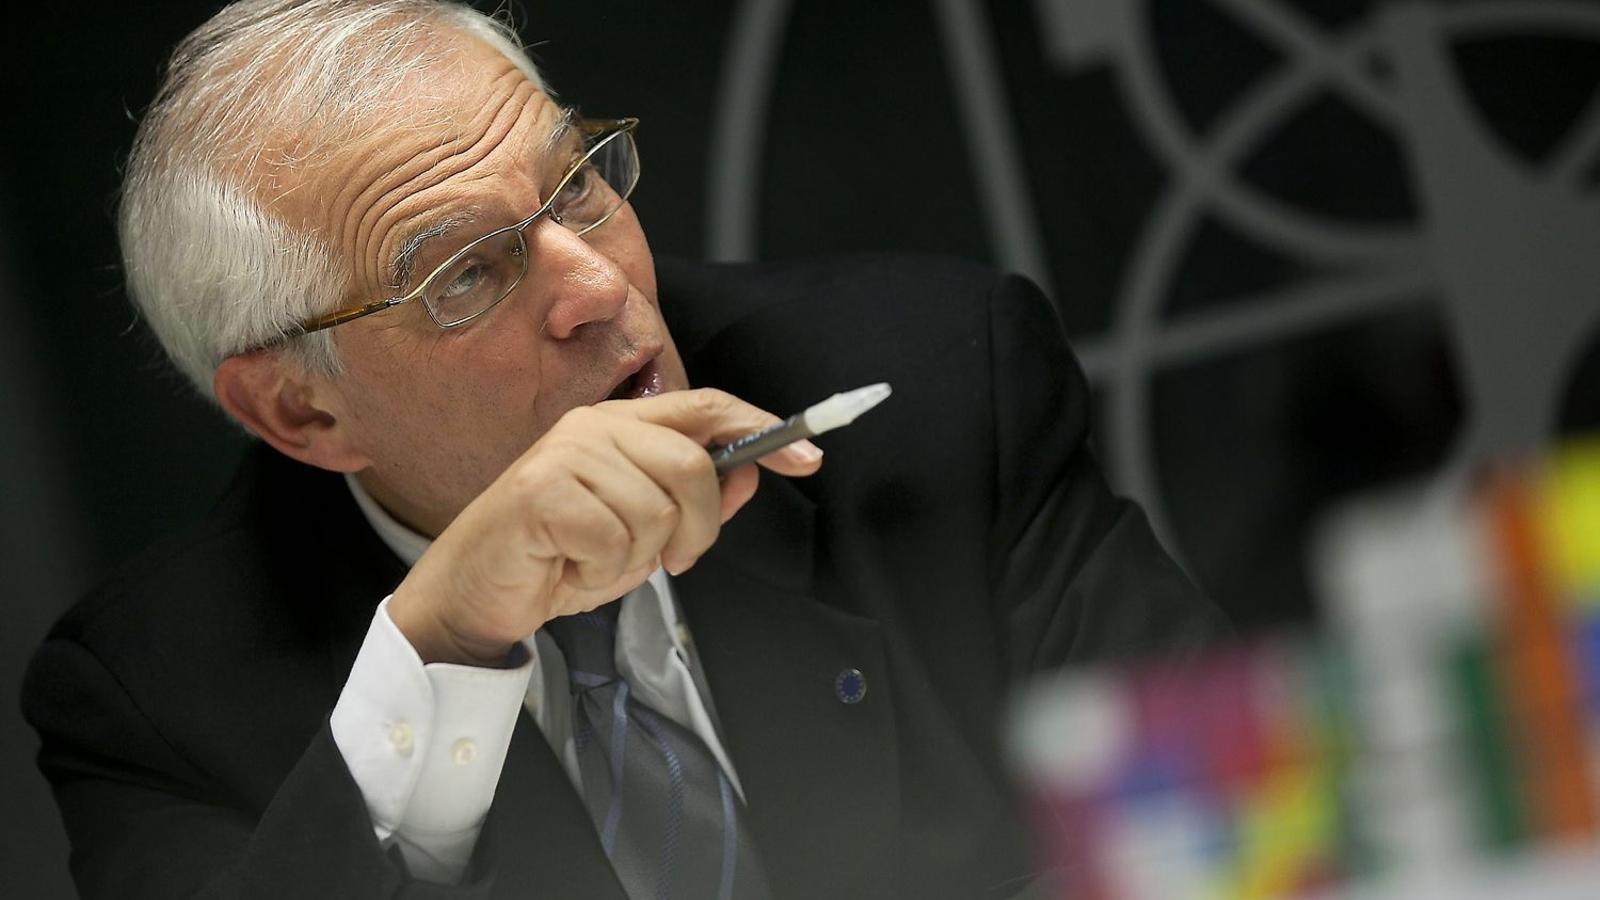 Borrell serà el candidat del PSOE a les eleccions europees